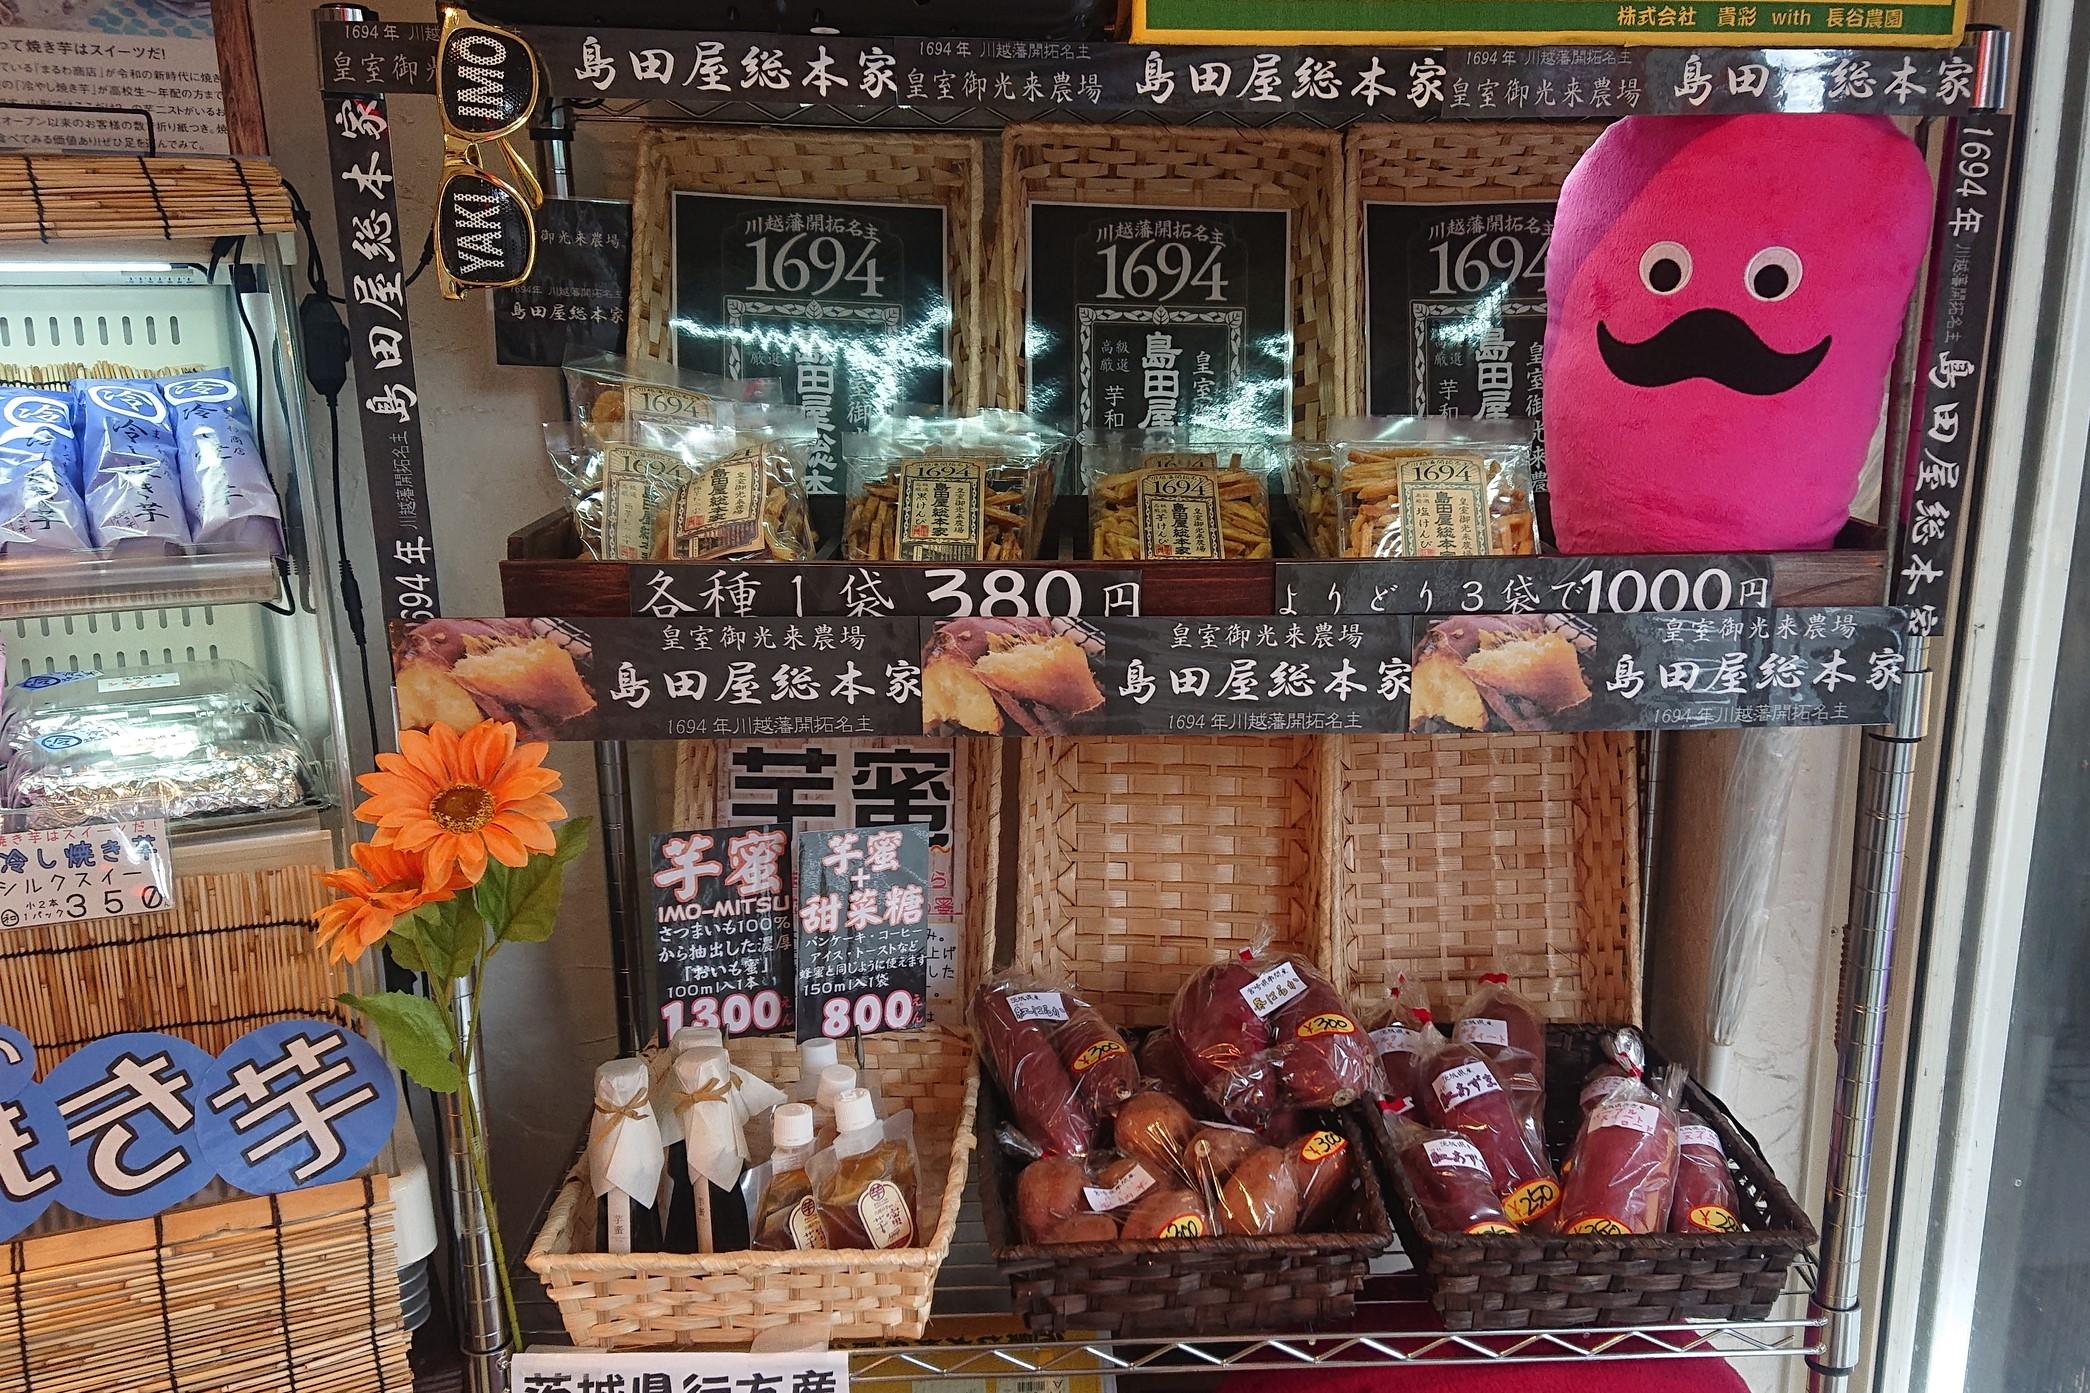 石焼き芋専門店 まるわ商店のディスプレイ4